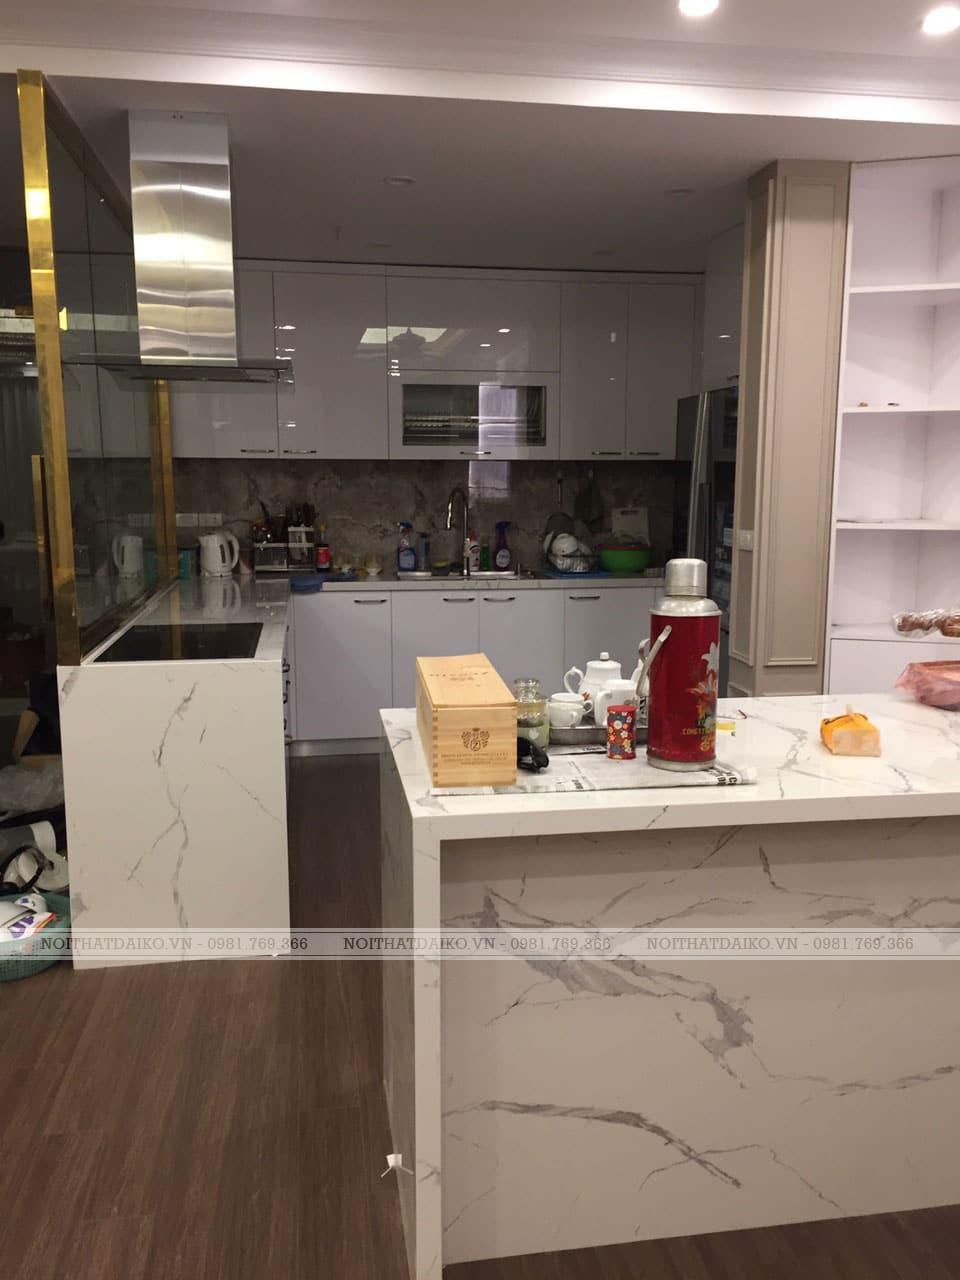 Không gian bếp sang trọng hiện đại với Tủ bếp cánh kính sơn trắng